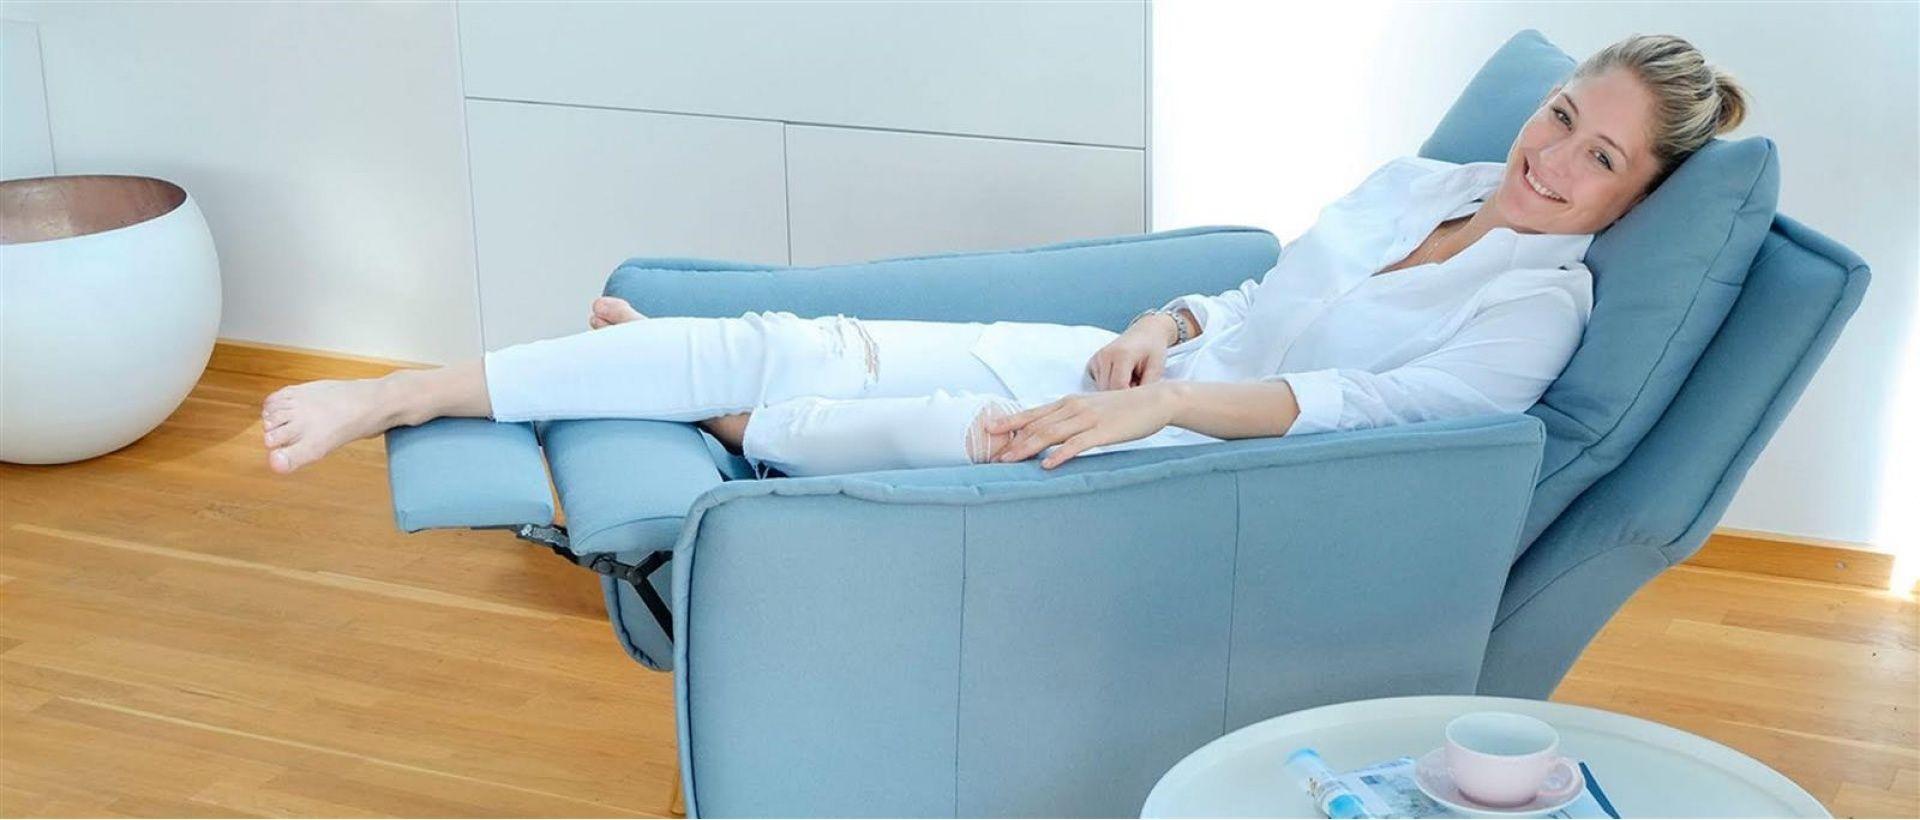 Moderner Hochwertiger Relaxsessel Fernsehsessel Mit